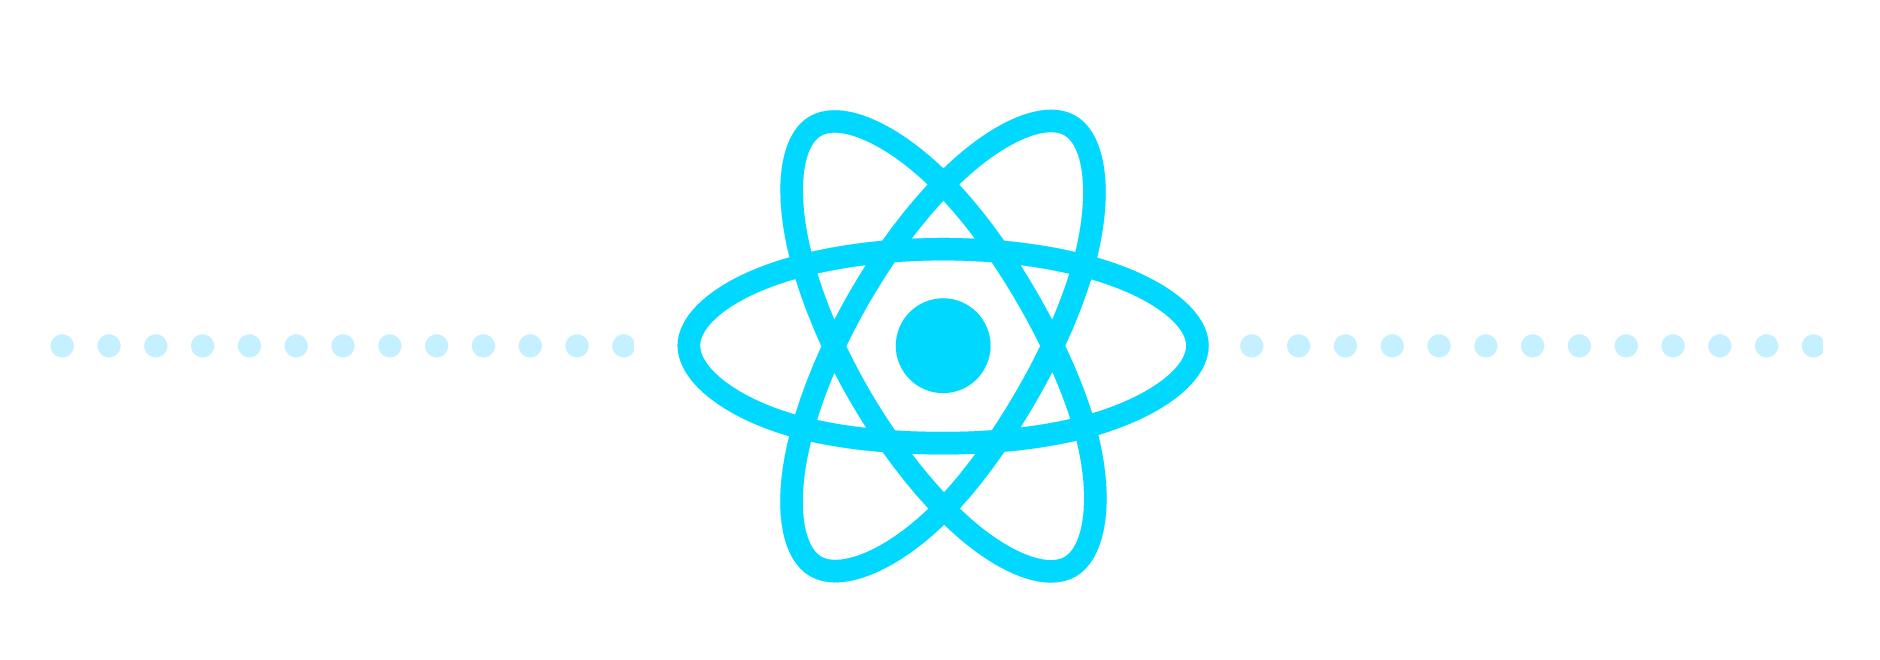 React开发人员的五个最佳组件框架插图(1)